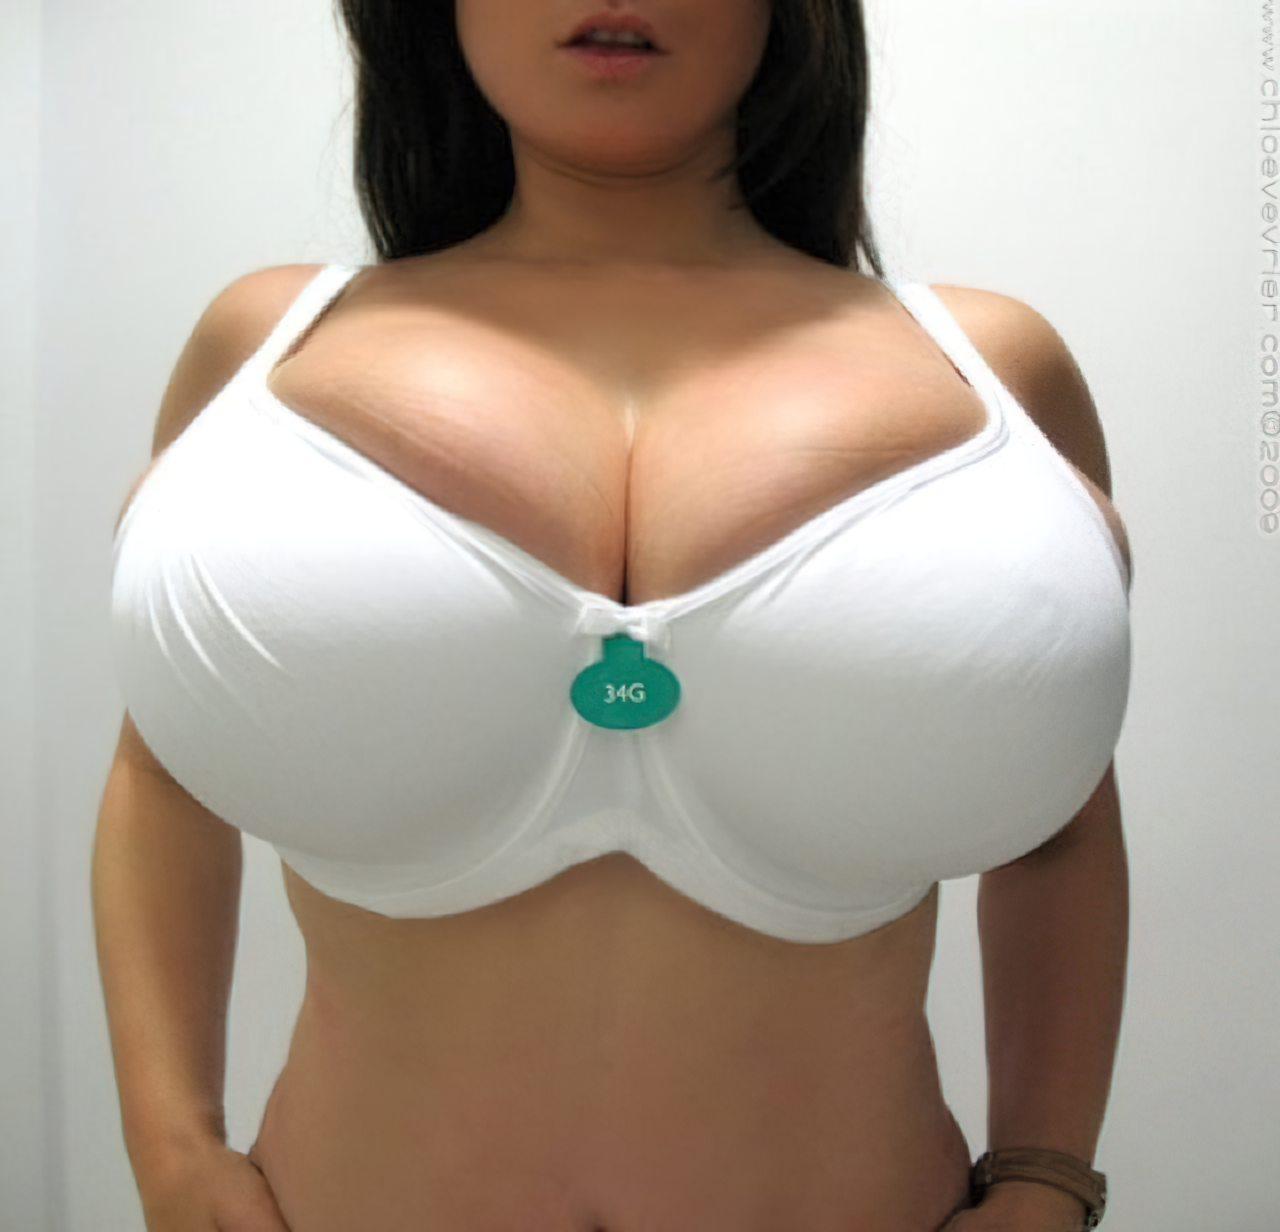 Chloe Vevrier Peitos Grandes (1)